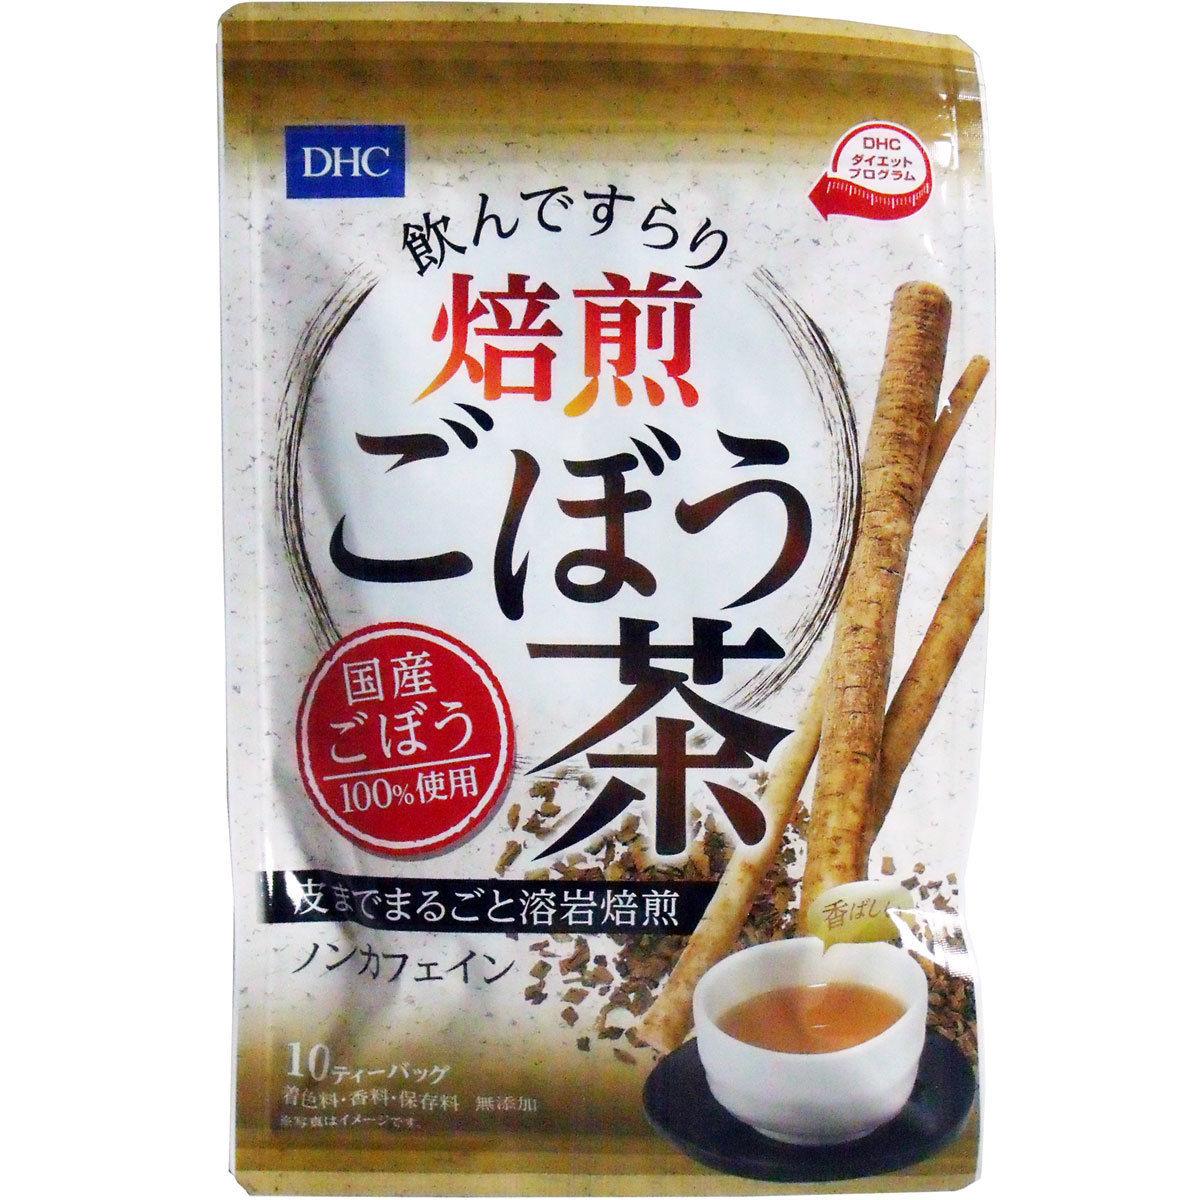 DHC 飲んですらり 焙煎ごぼう茶 ノンカフェイン 10ティーバッグ  北海道・沖縄・離島不可商品